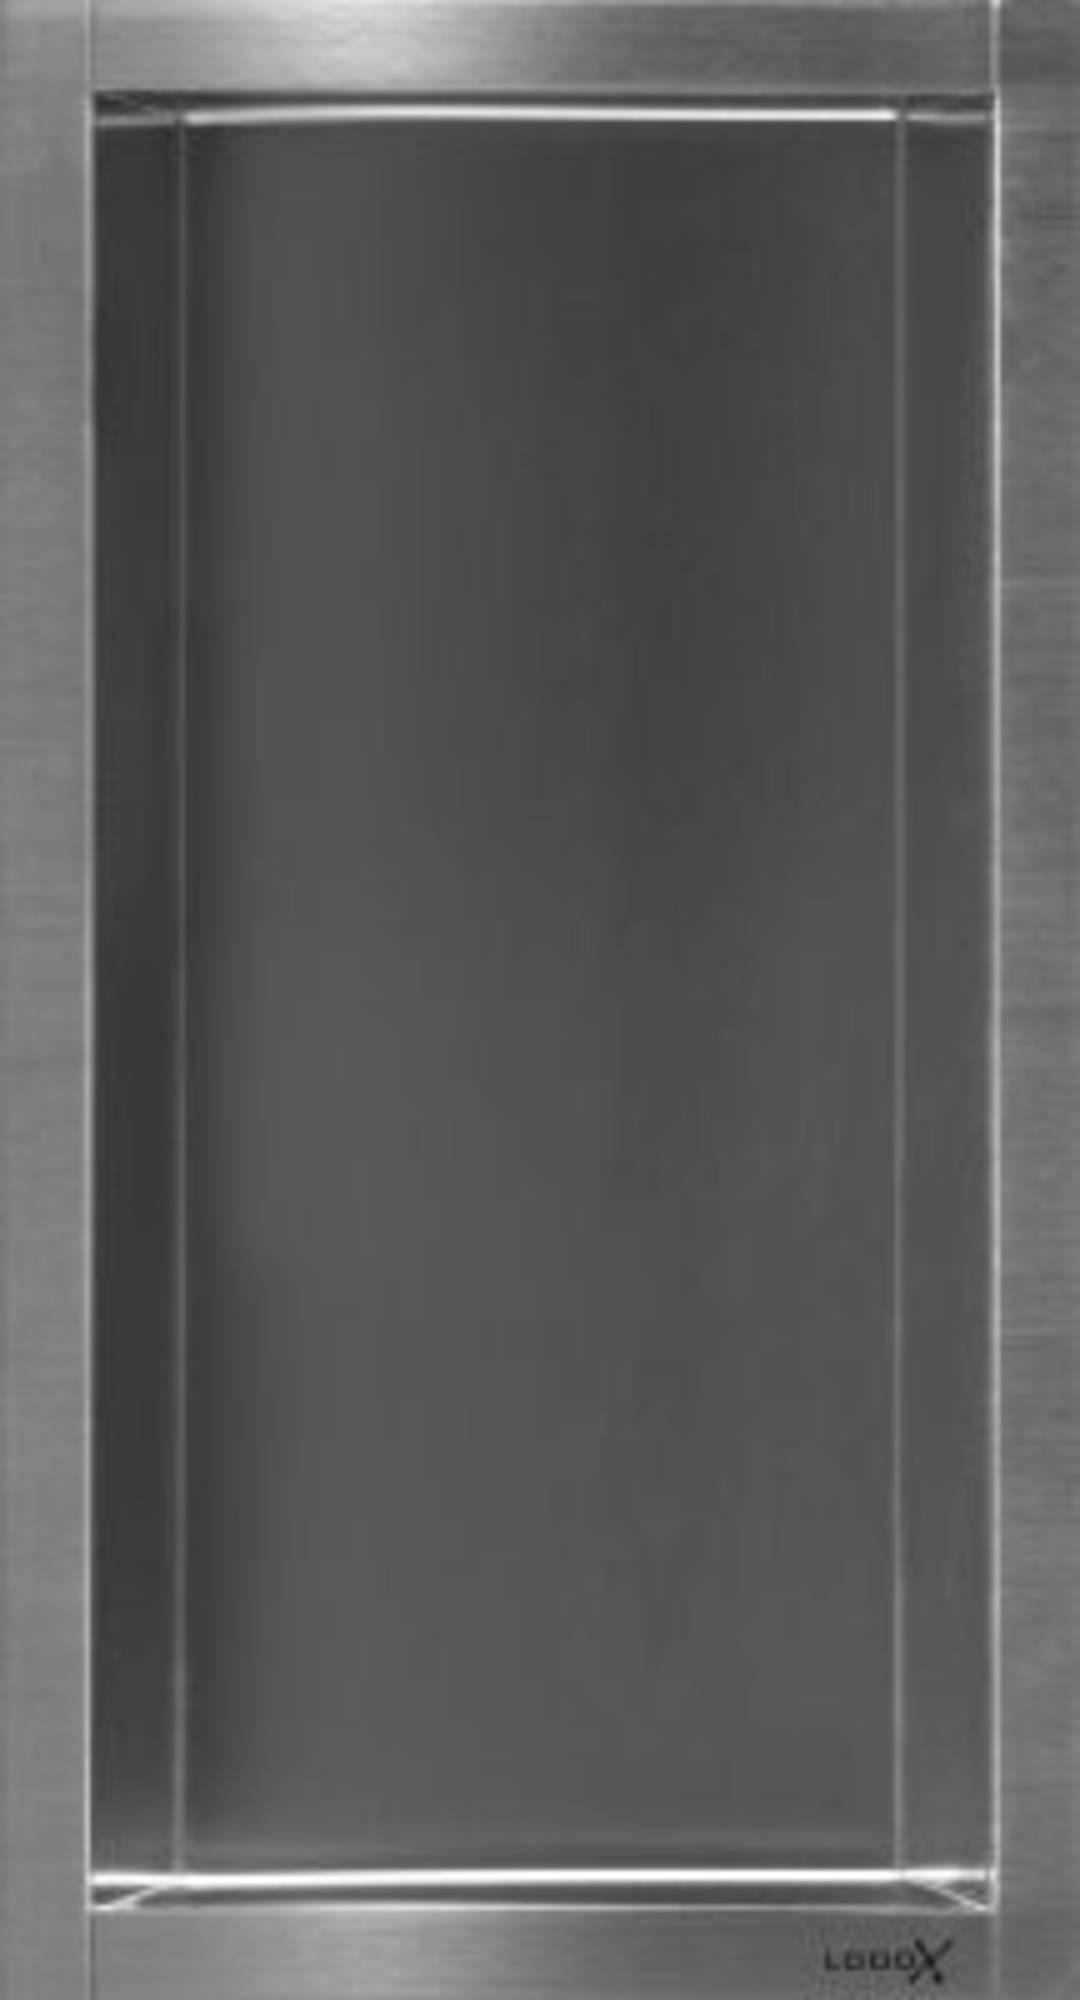 LoooX BoX inbouwnis 15x30x7cm RVS geborsteld BOX 15